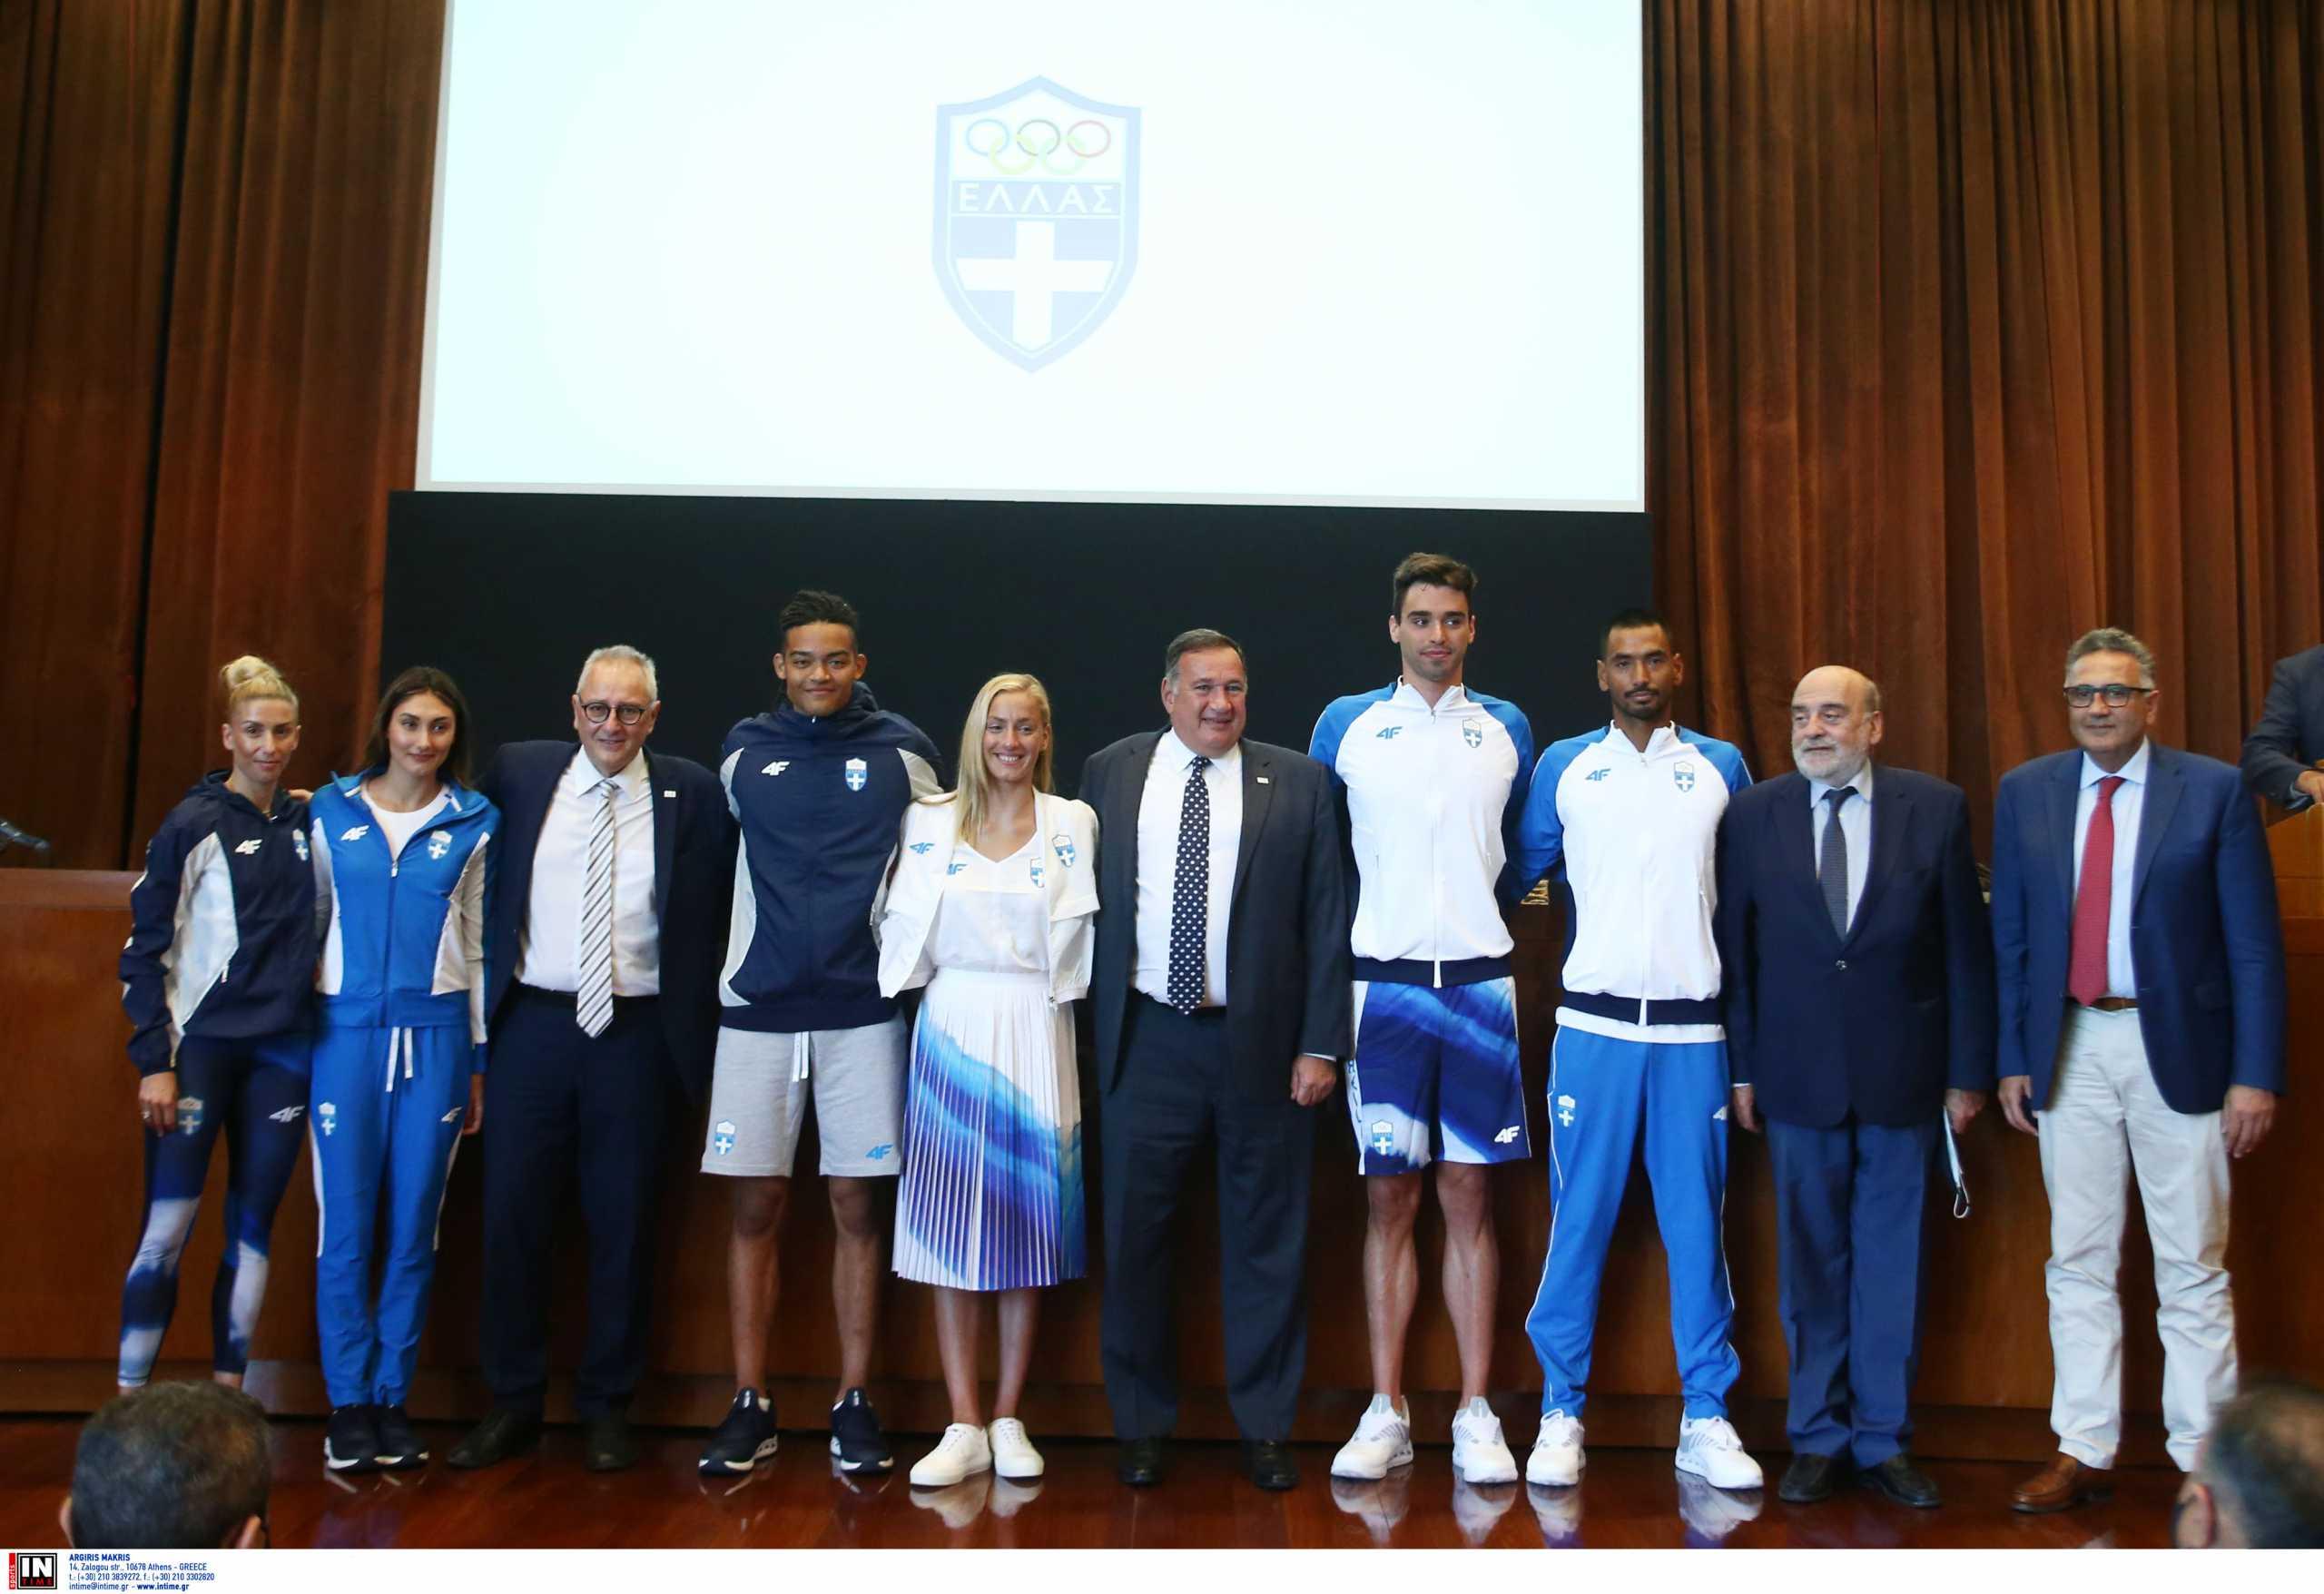 Η παρουσίαση της επίσημης στολής της ελληνικής ομάδας για τους Ολυμπιακούς Αγώνες Τόκιο 2020